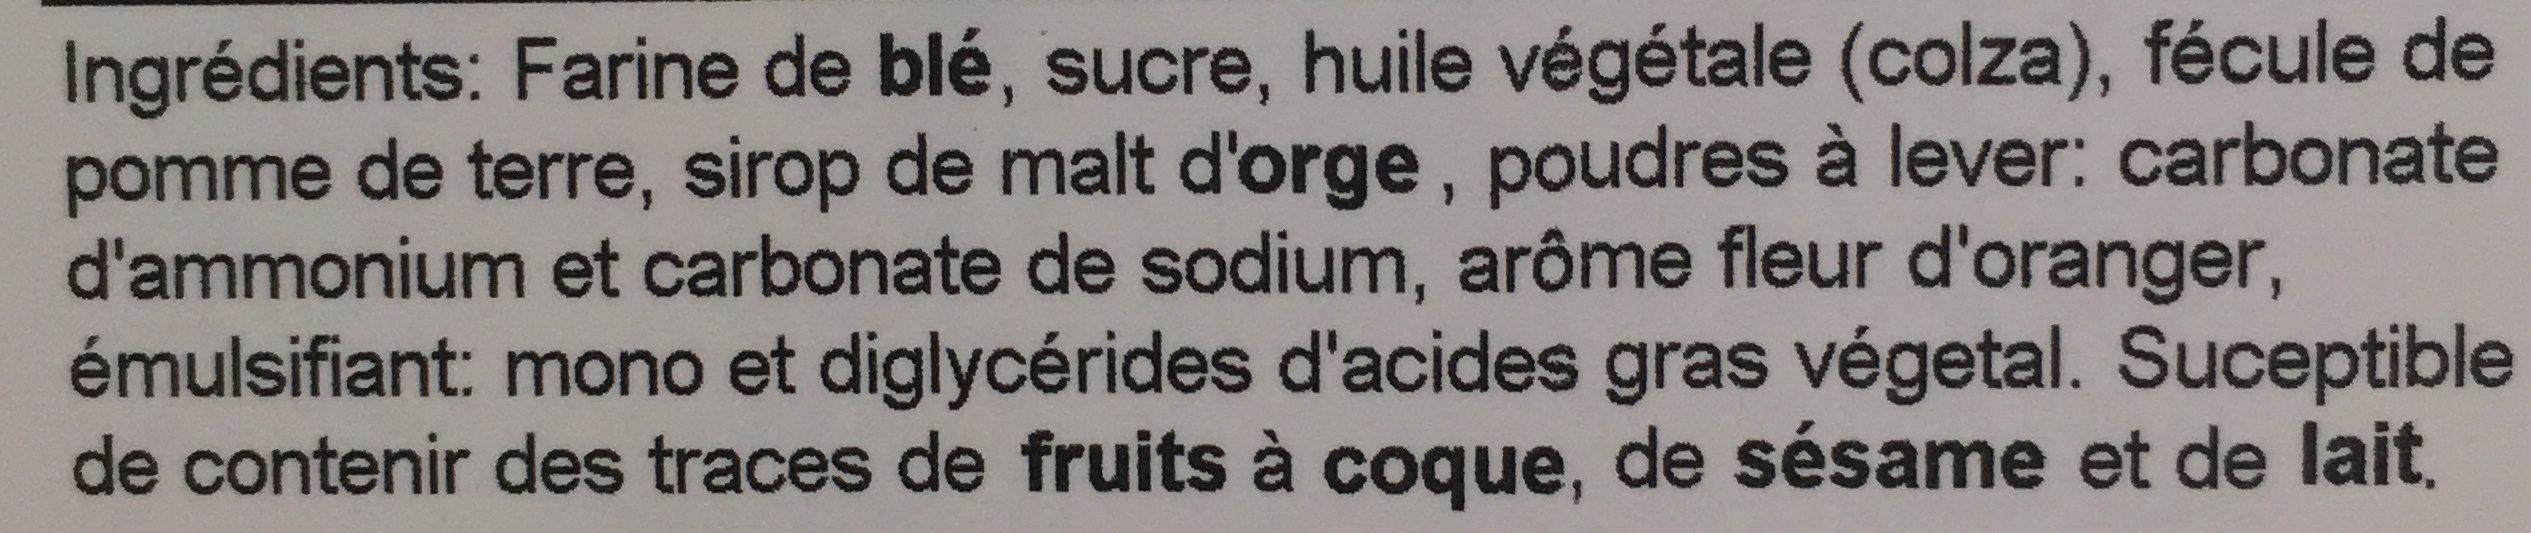 Navettes - Ingredients